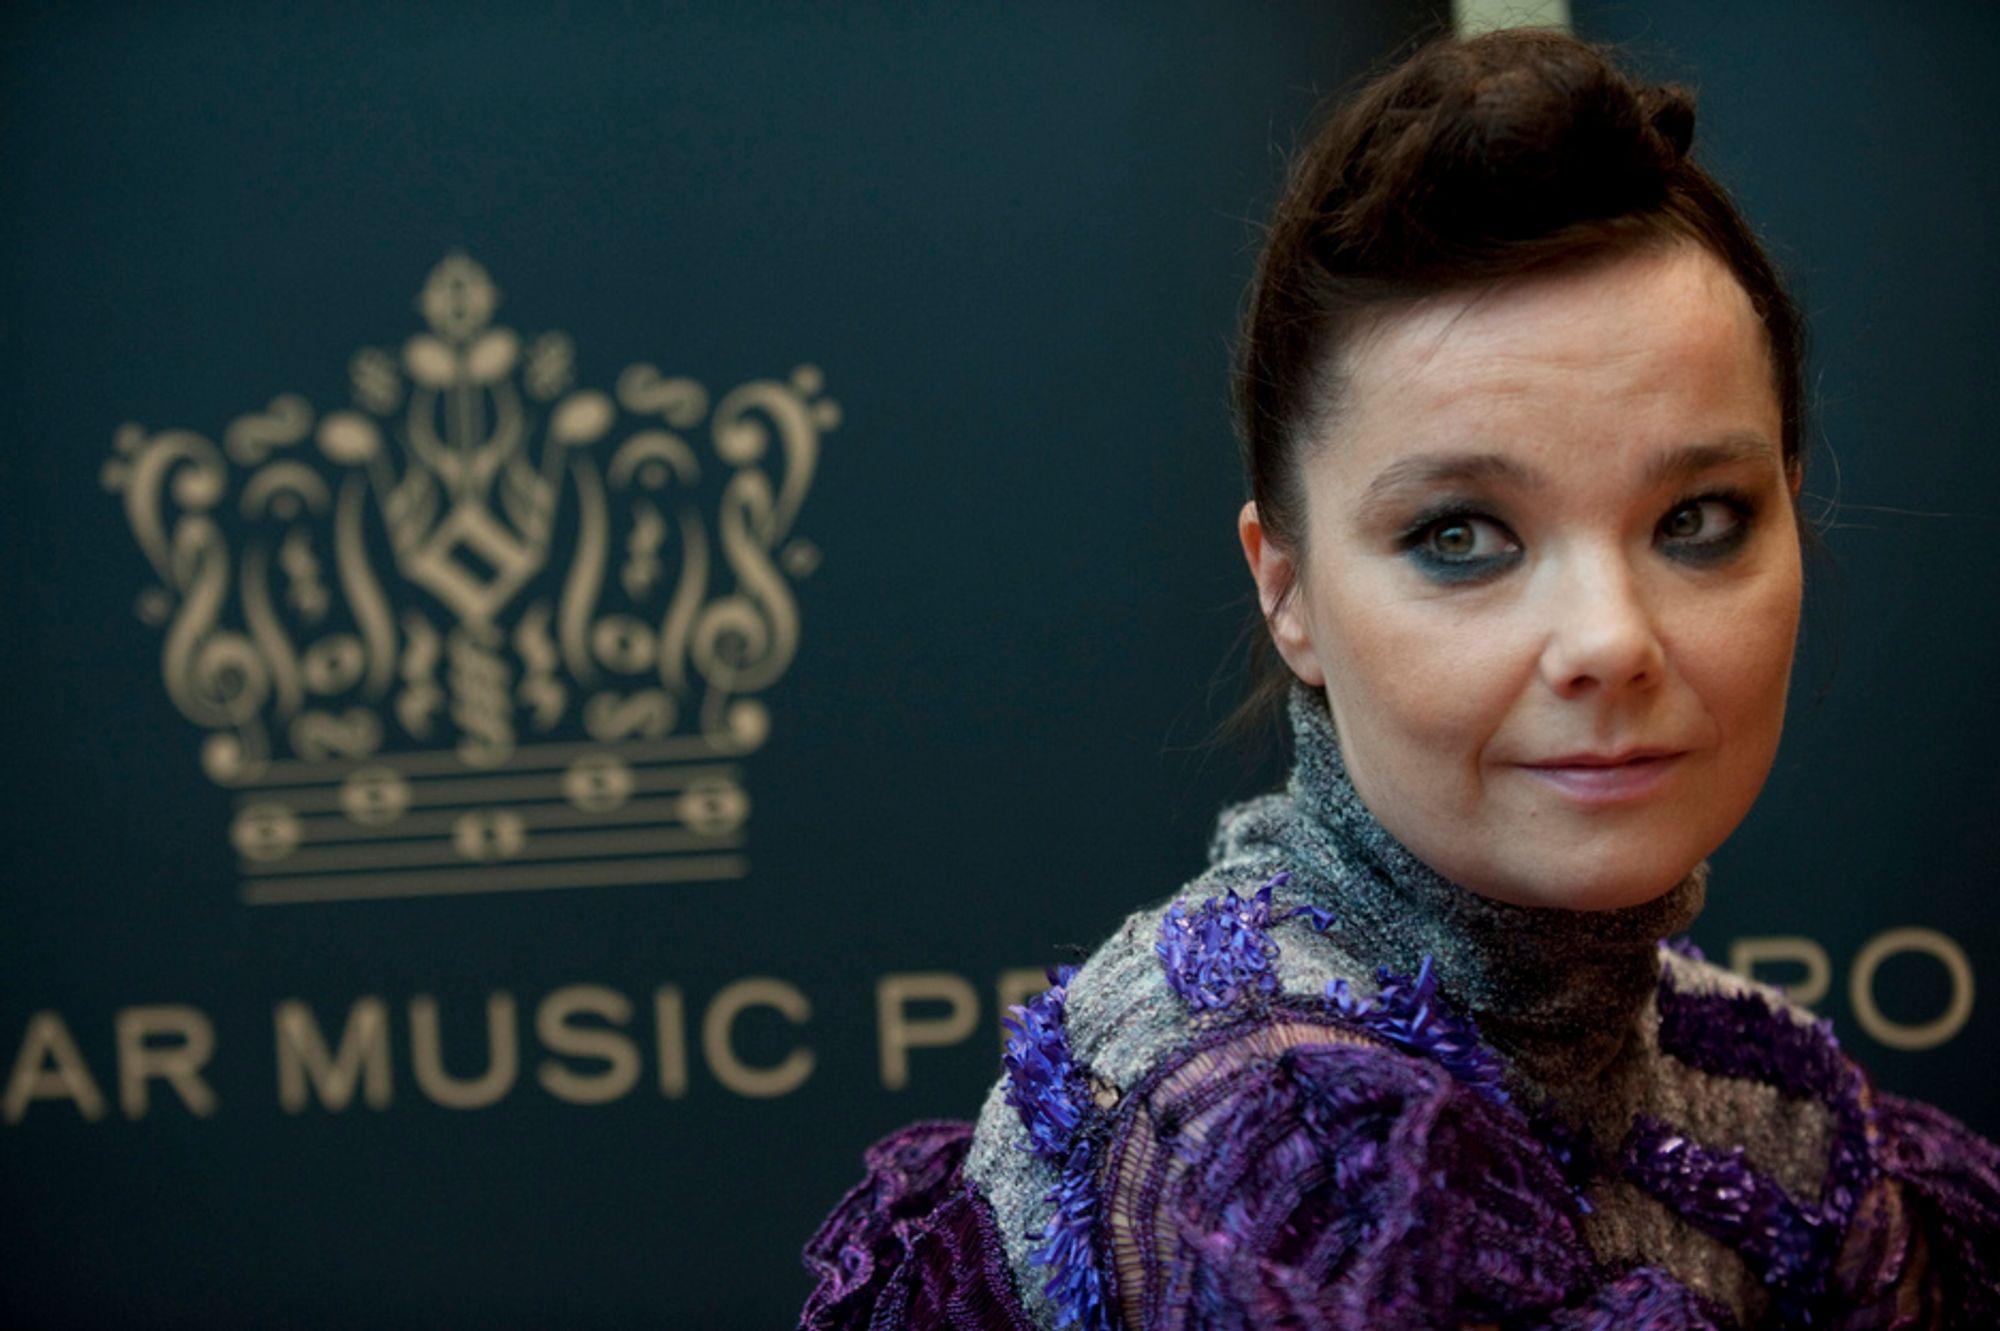 KRAFTFULL PROTEST: Den verdensberømte islandske artisten Bjørk har kastet seg inn i kampen for islandsk kontroll over de geotermiske energiressursene i landet. Nå kan det hende at hun lykkes i å presse Island til å kjøpe tilbake energiselskapet HS Orka.